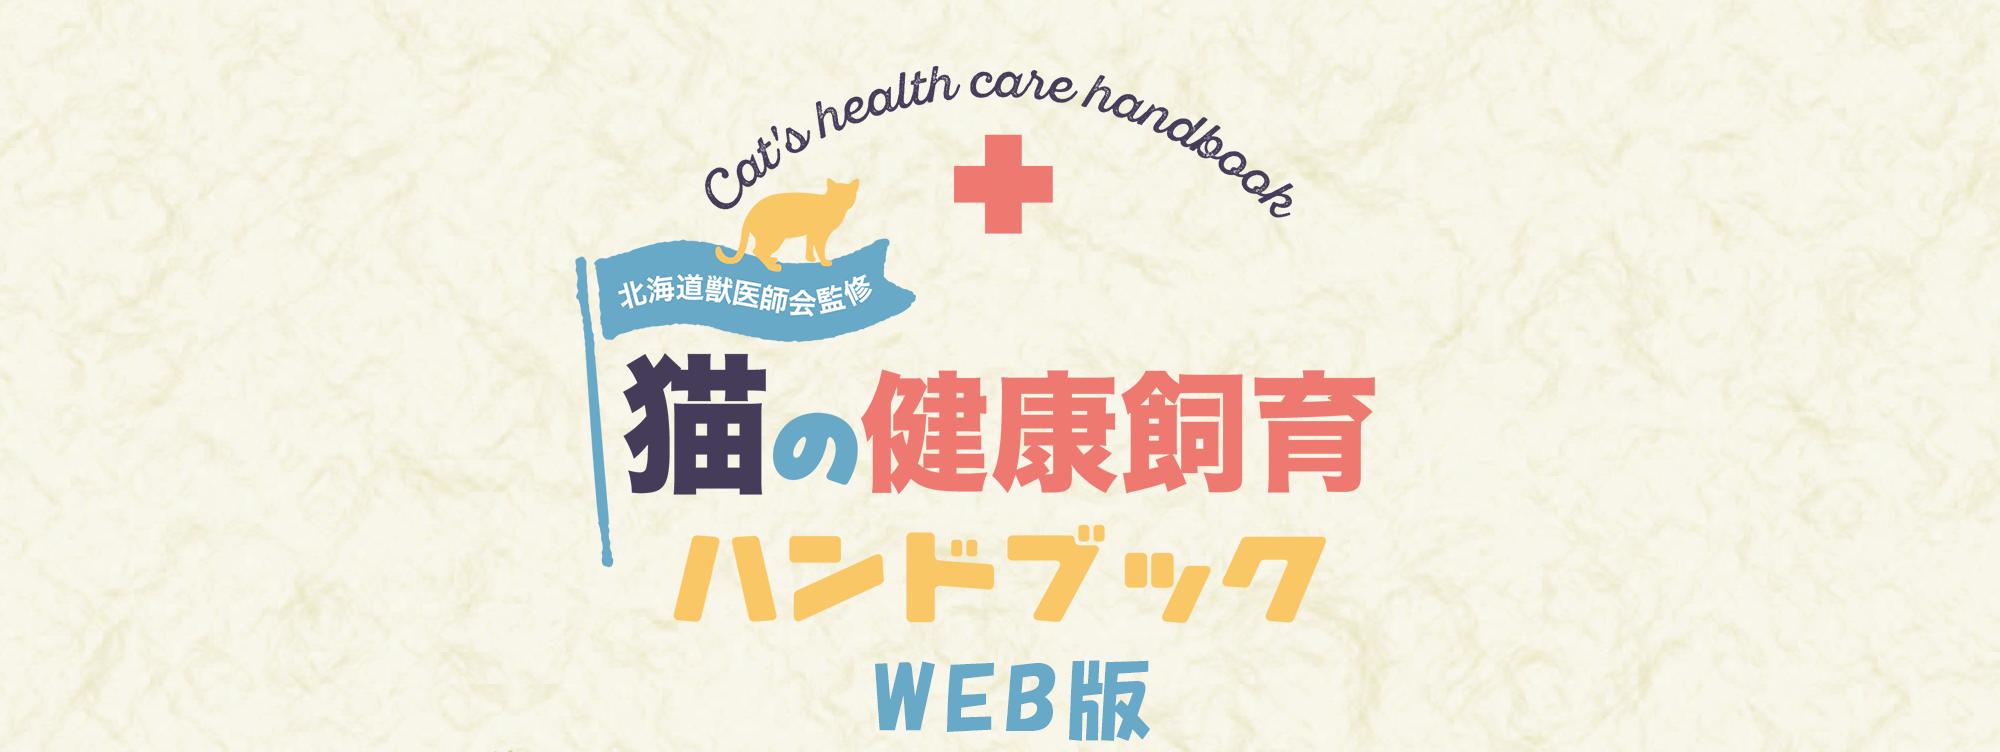 呼吸が荒い 症状別猫の病気検索 猫の健康飼育ハンドブック Web版